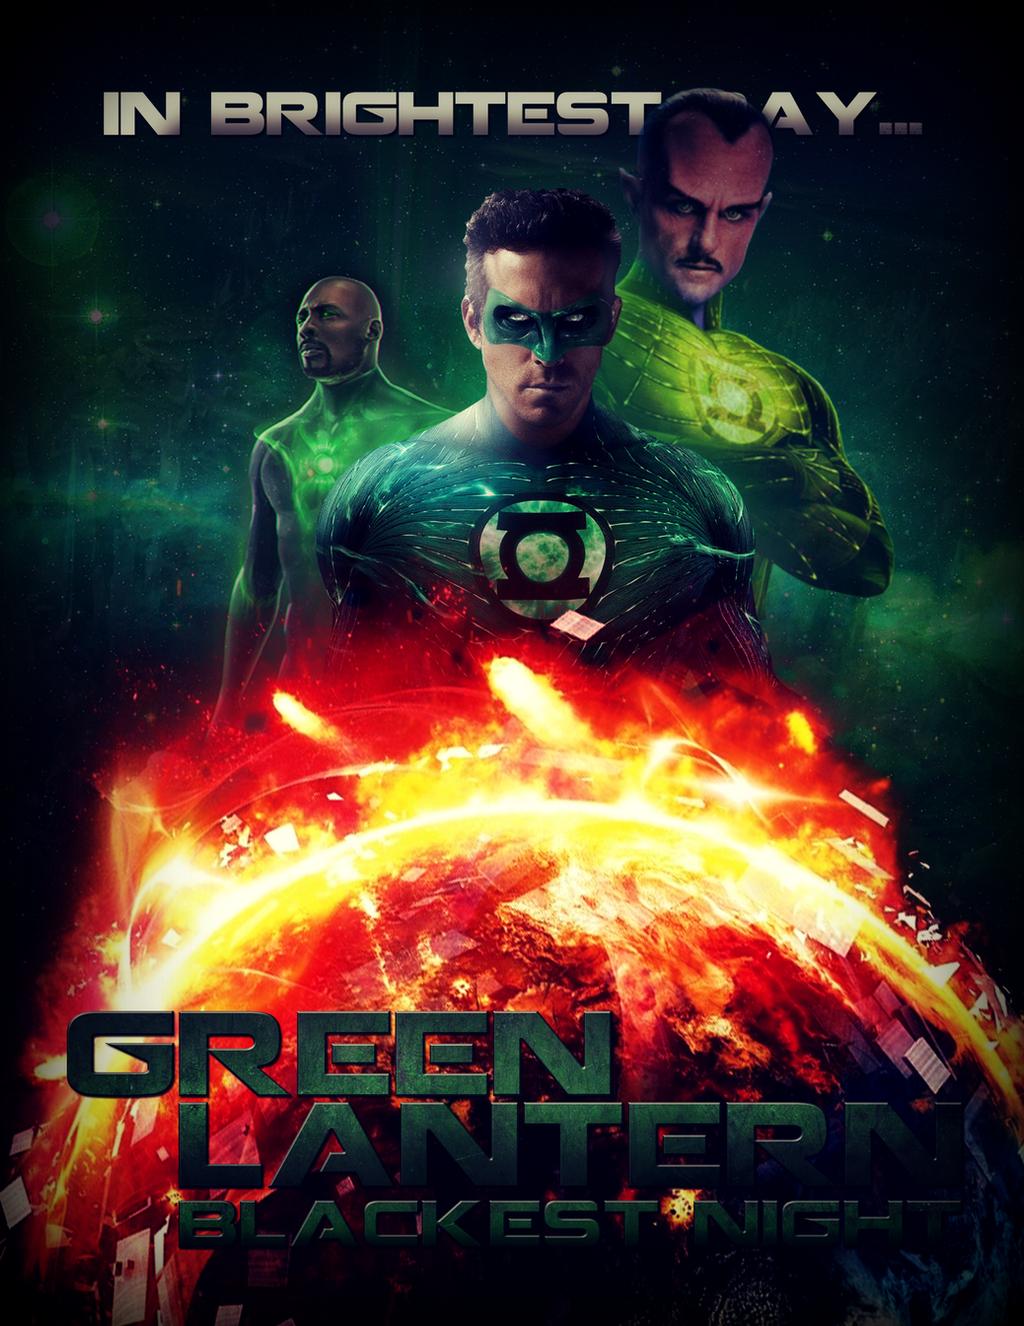 Green Lantern Blackest Night GL2 By MrSteiners